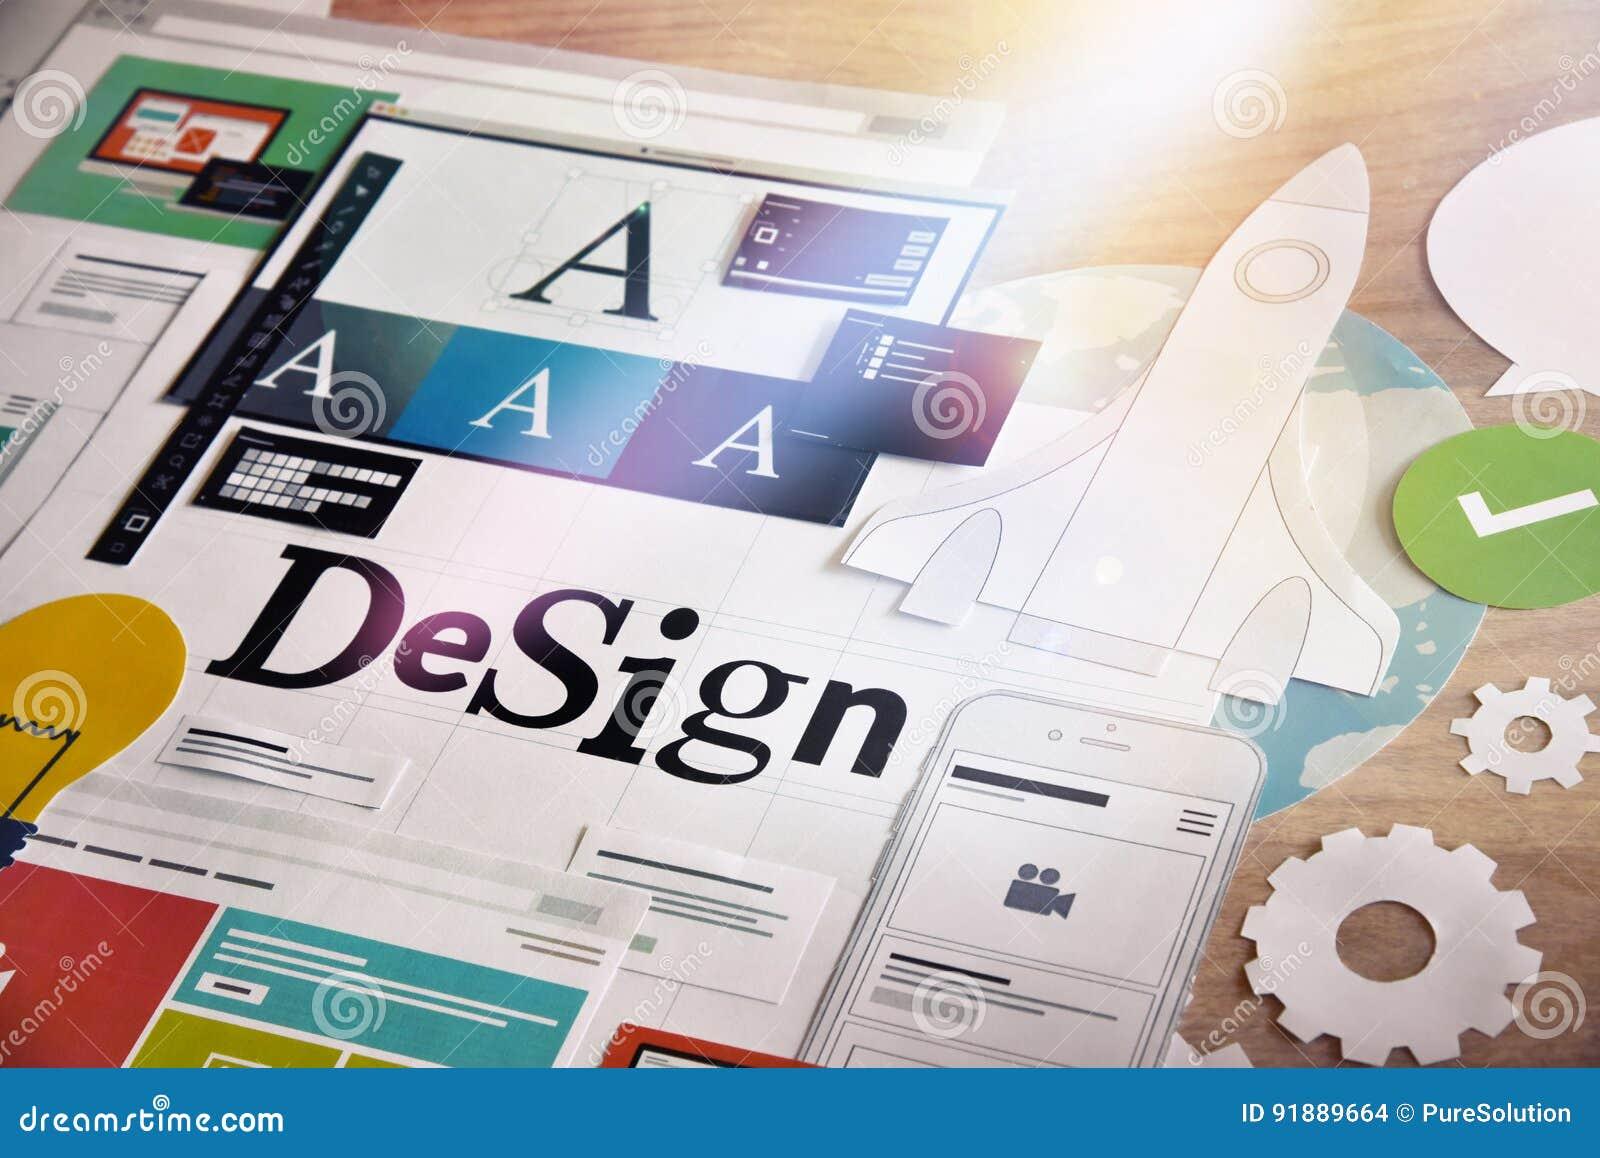 Concepto de diseño para los servicios de los diseñadores gráficos y de las agencias del diseño